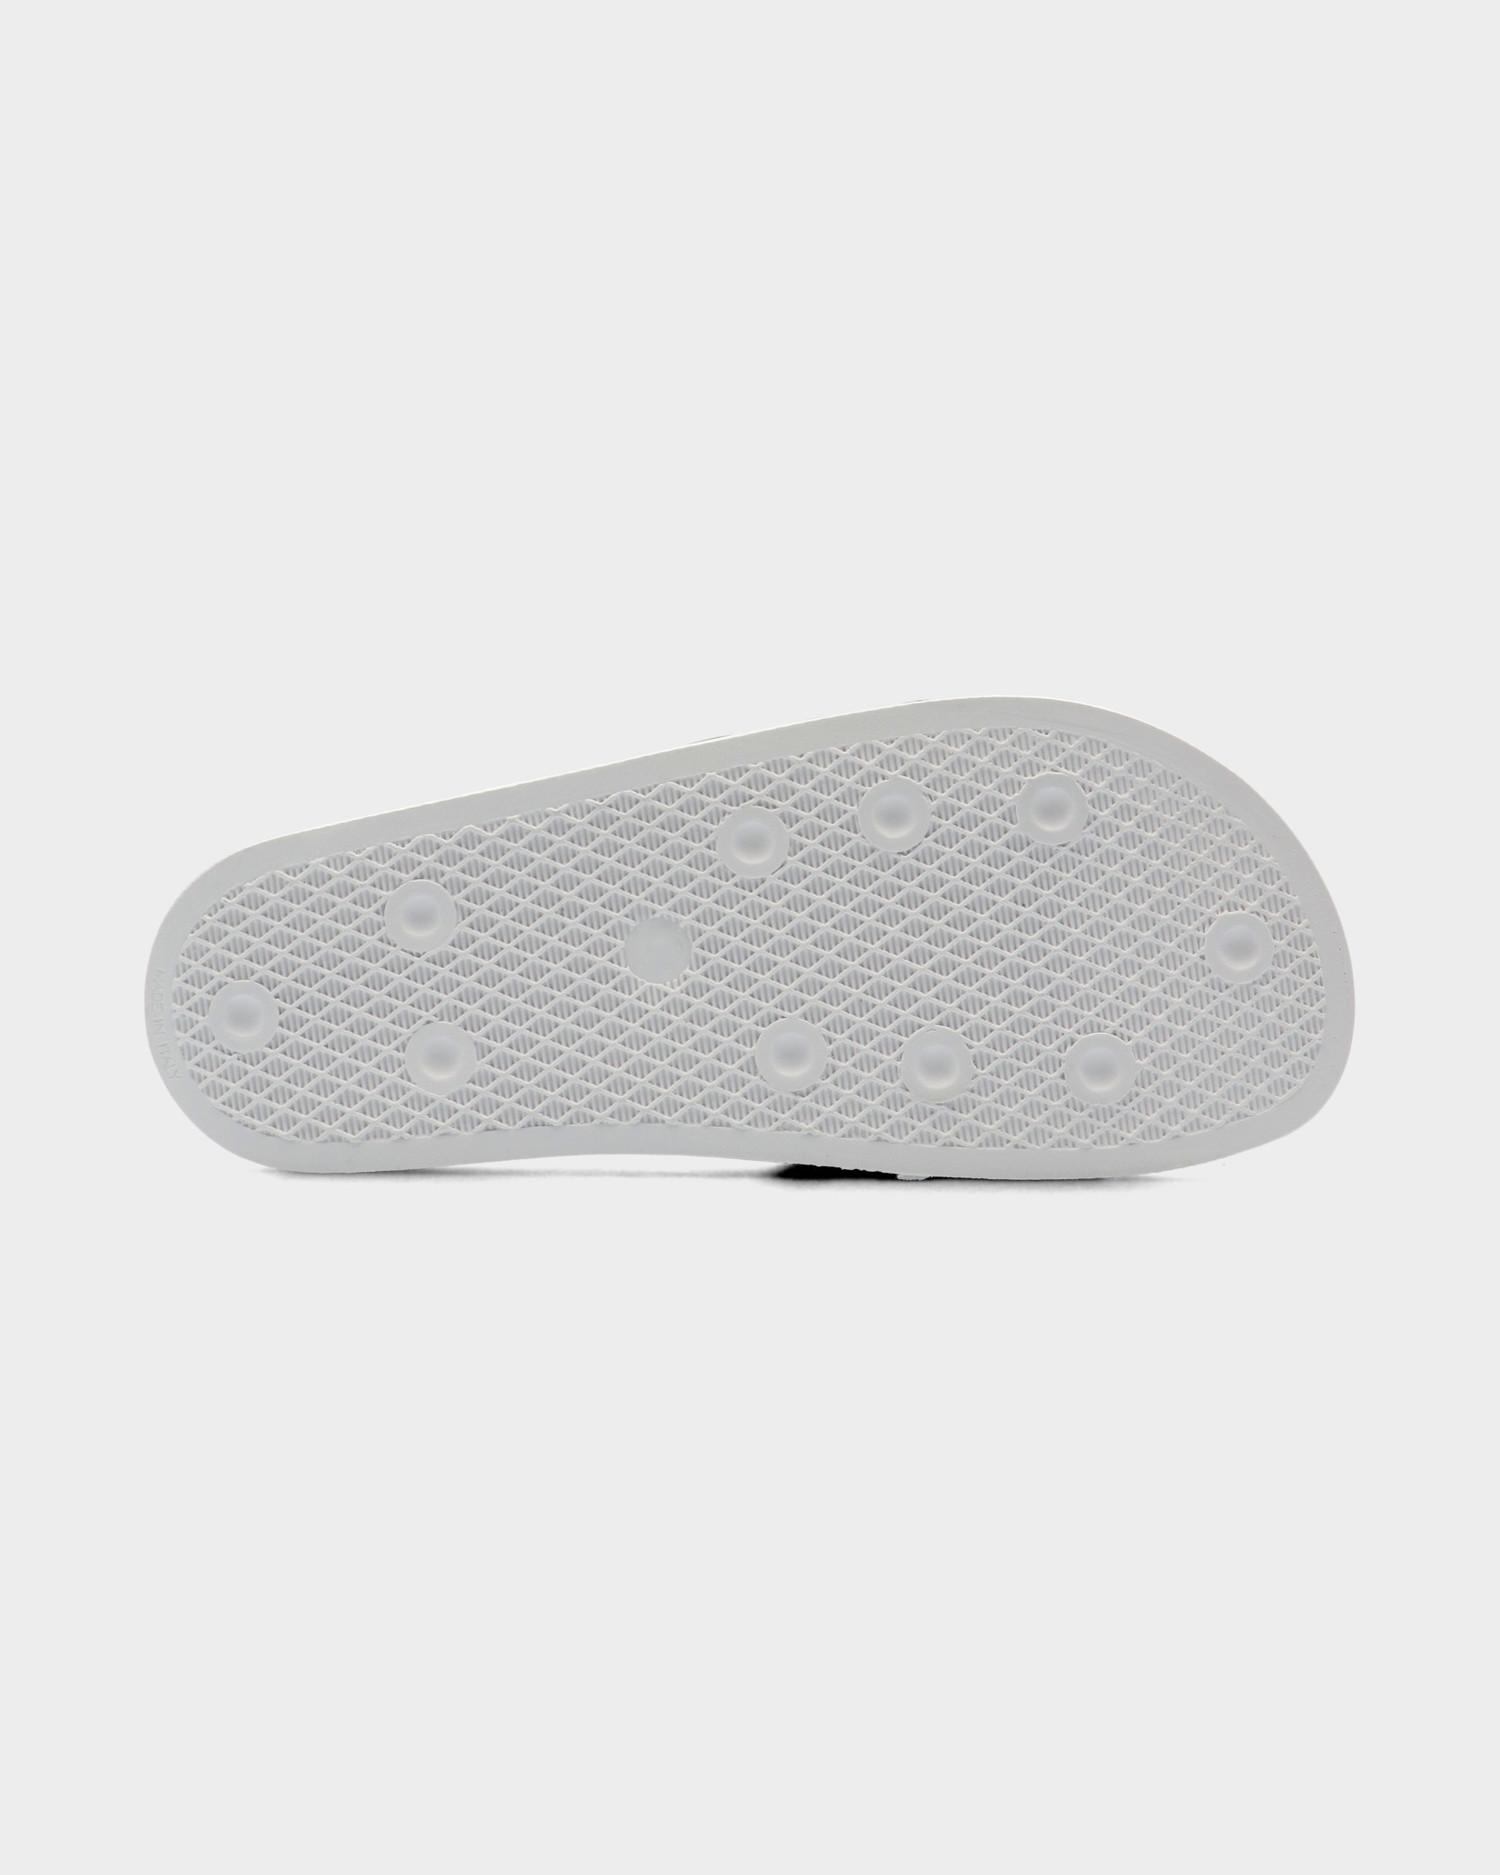 Adidas Adilette White/Cblack/White